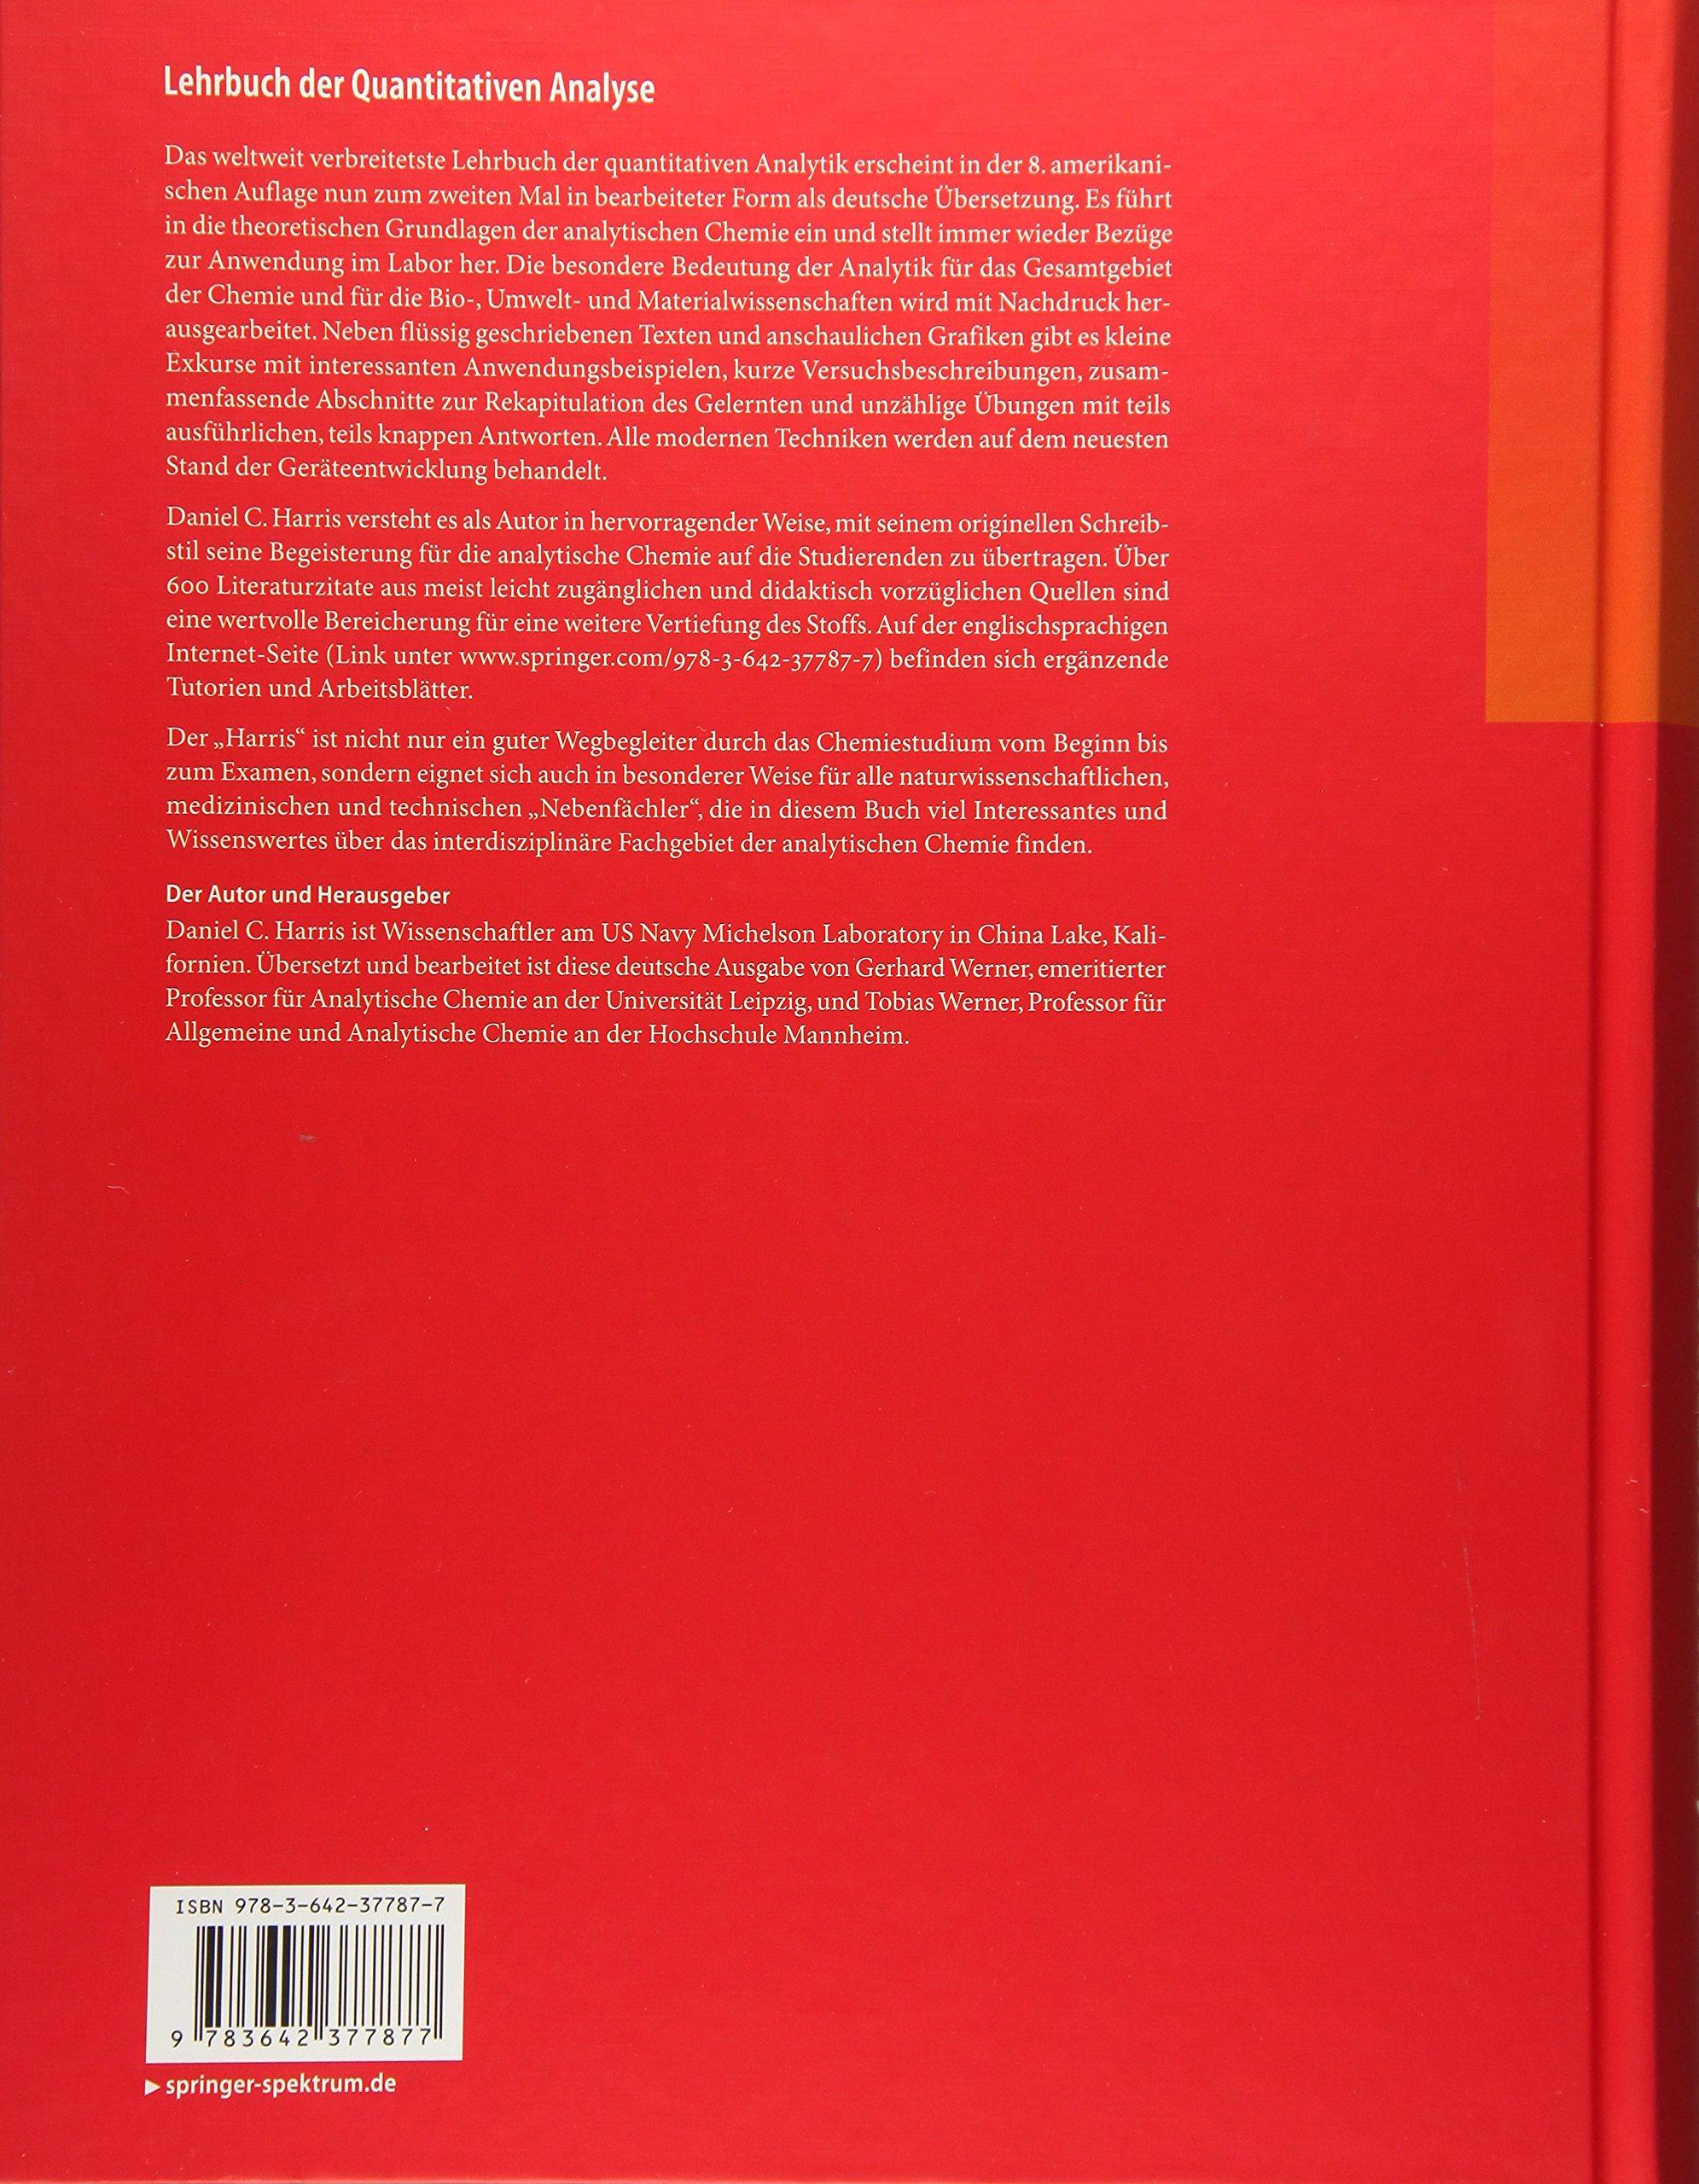 Lehrbuch der Quantitativen Analyse: Amazon.de: Gerhard Werner ...